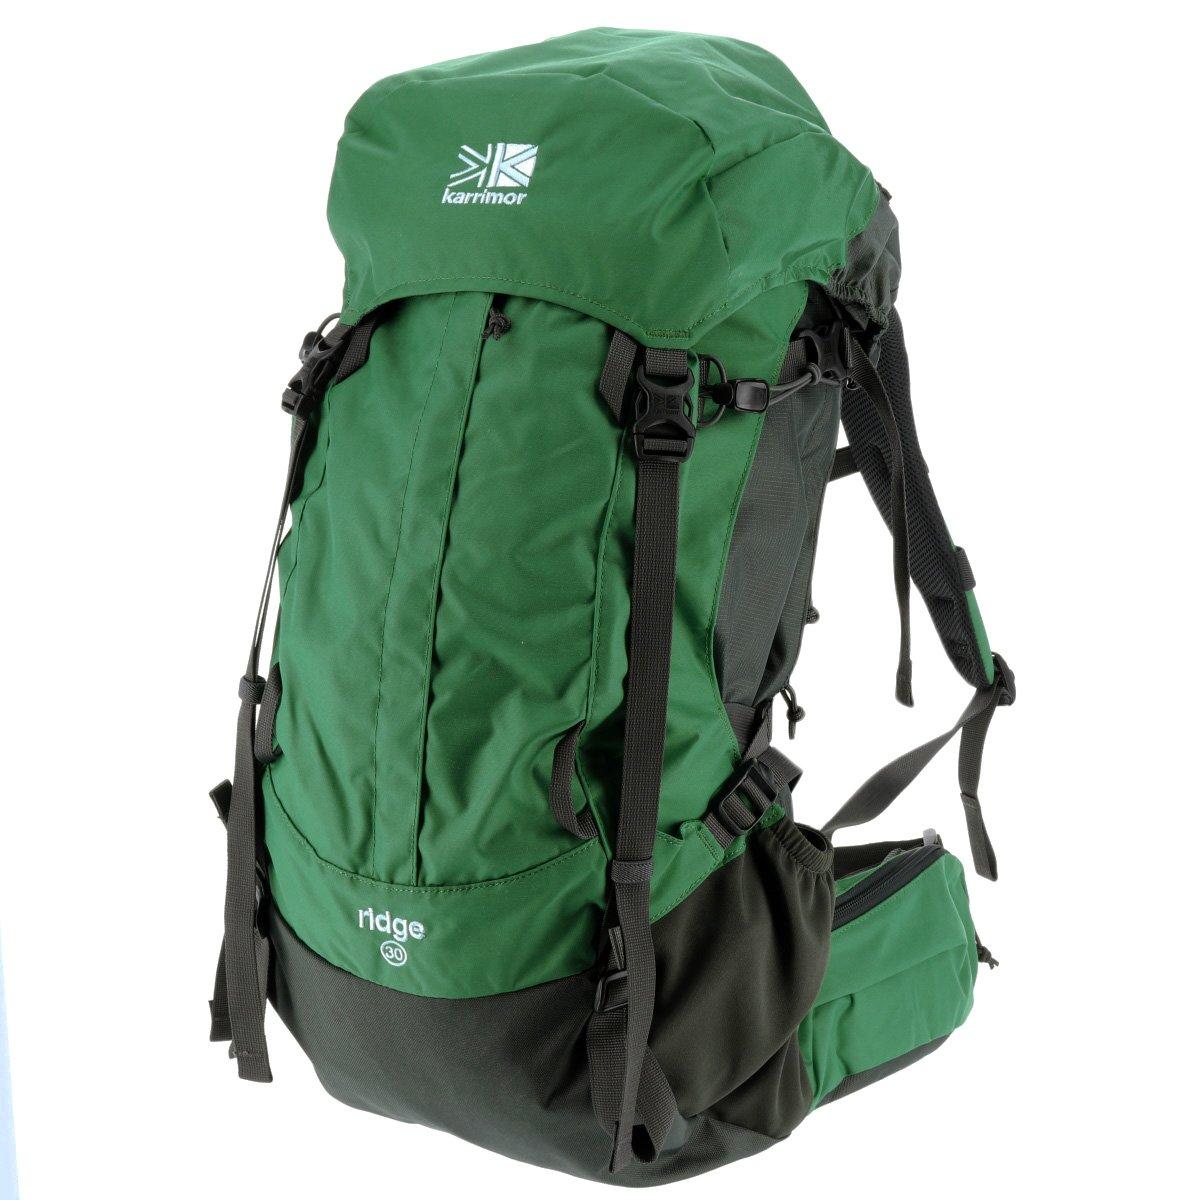 (カリマー) Karrimor ザックパック 登山用リュック [ridge 30 T1]  6.リーフグリーン B071DPH136